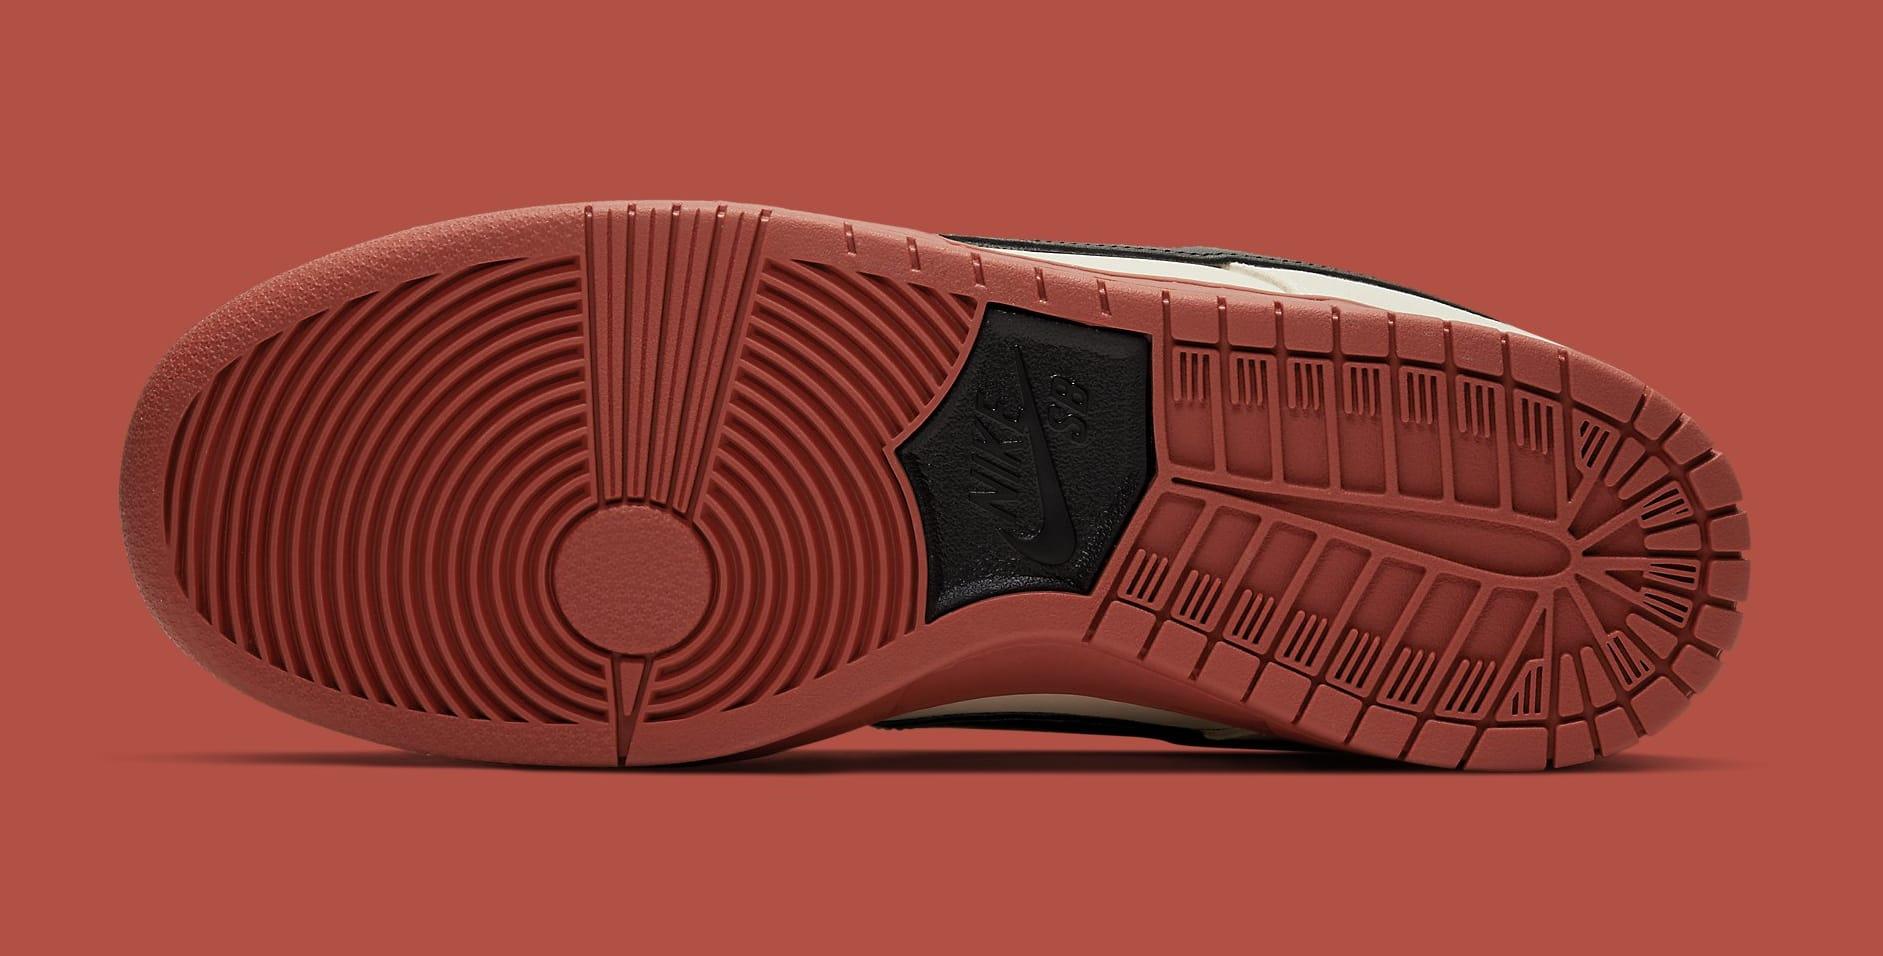 Nike SB Dunk Low 'Muslin' BQ6817-100 Outsole